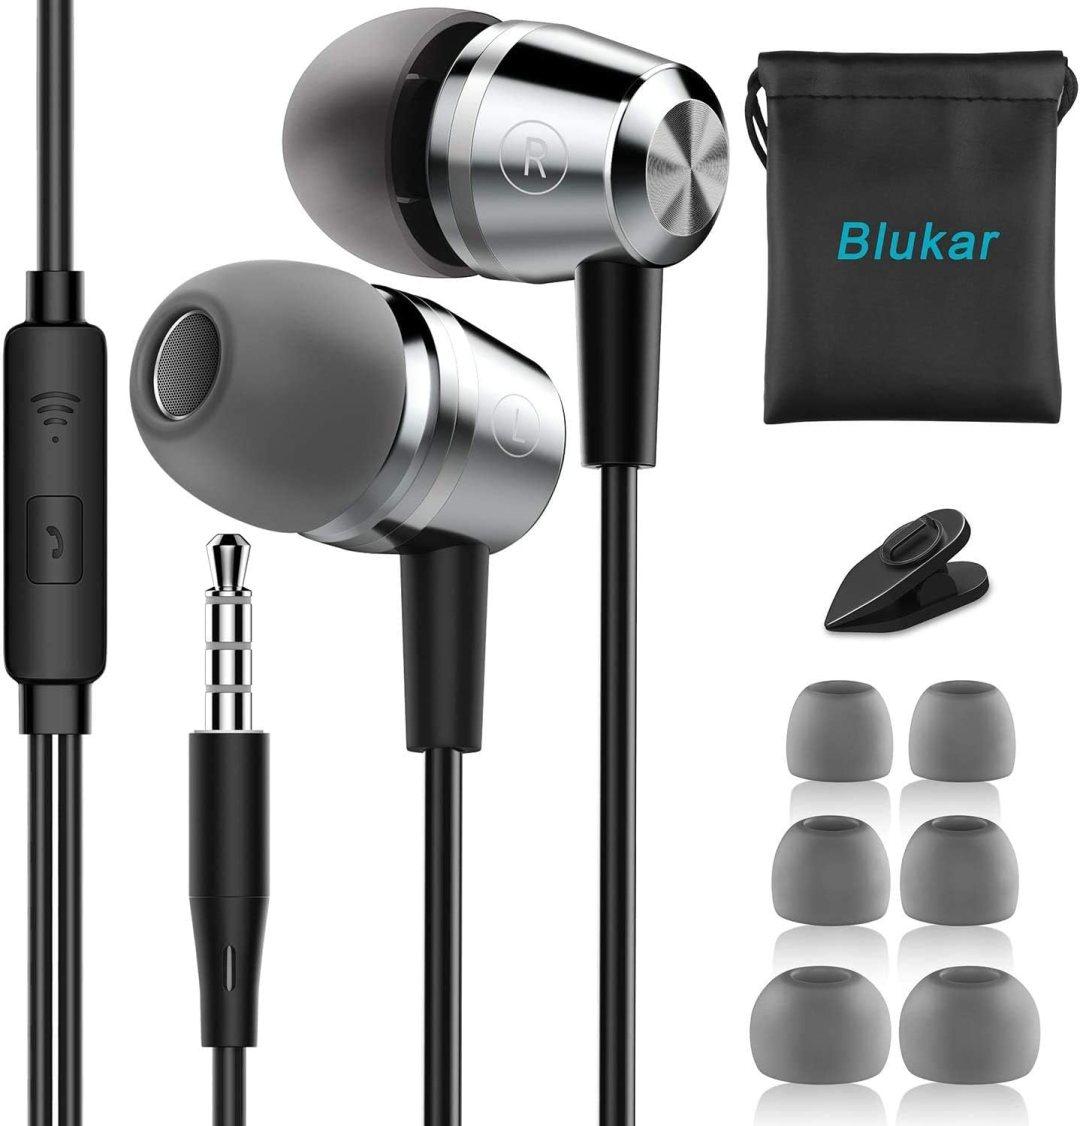 Écouteurs Intra-Auriculaires, Blukar Oreillettes Intra-Auriculaires Filaires Anti-Bruit Casque Ergonomique Stéréo avec Microphone pour iPhone, Smartphones Android et MP3 etc.